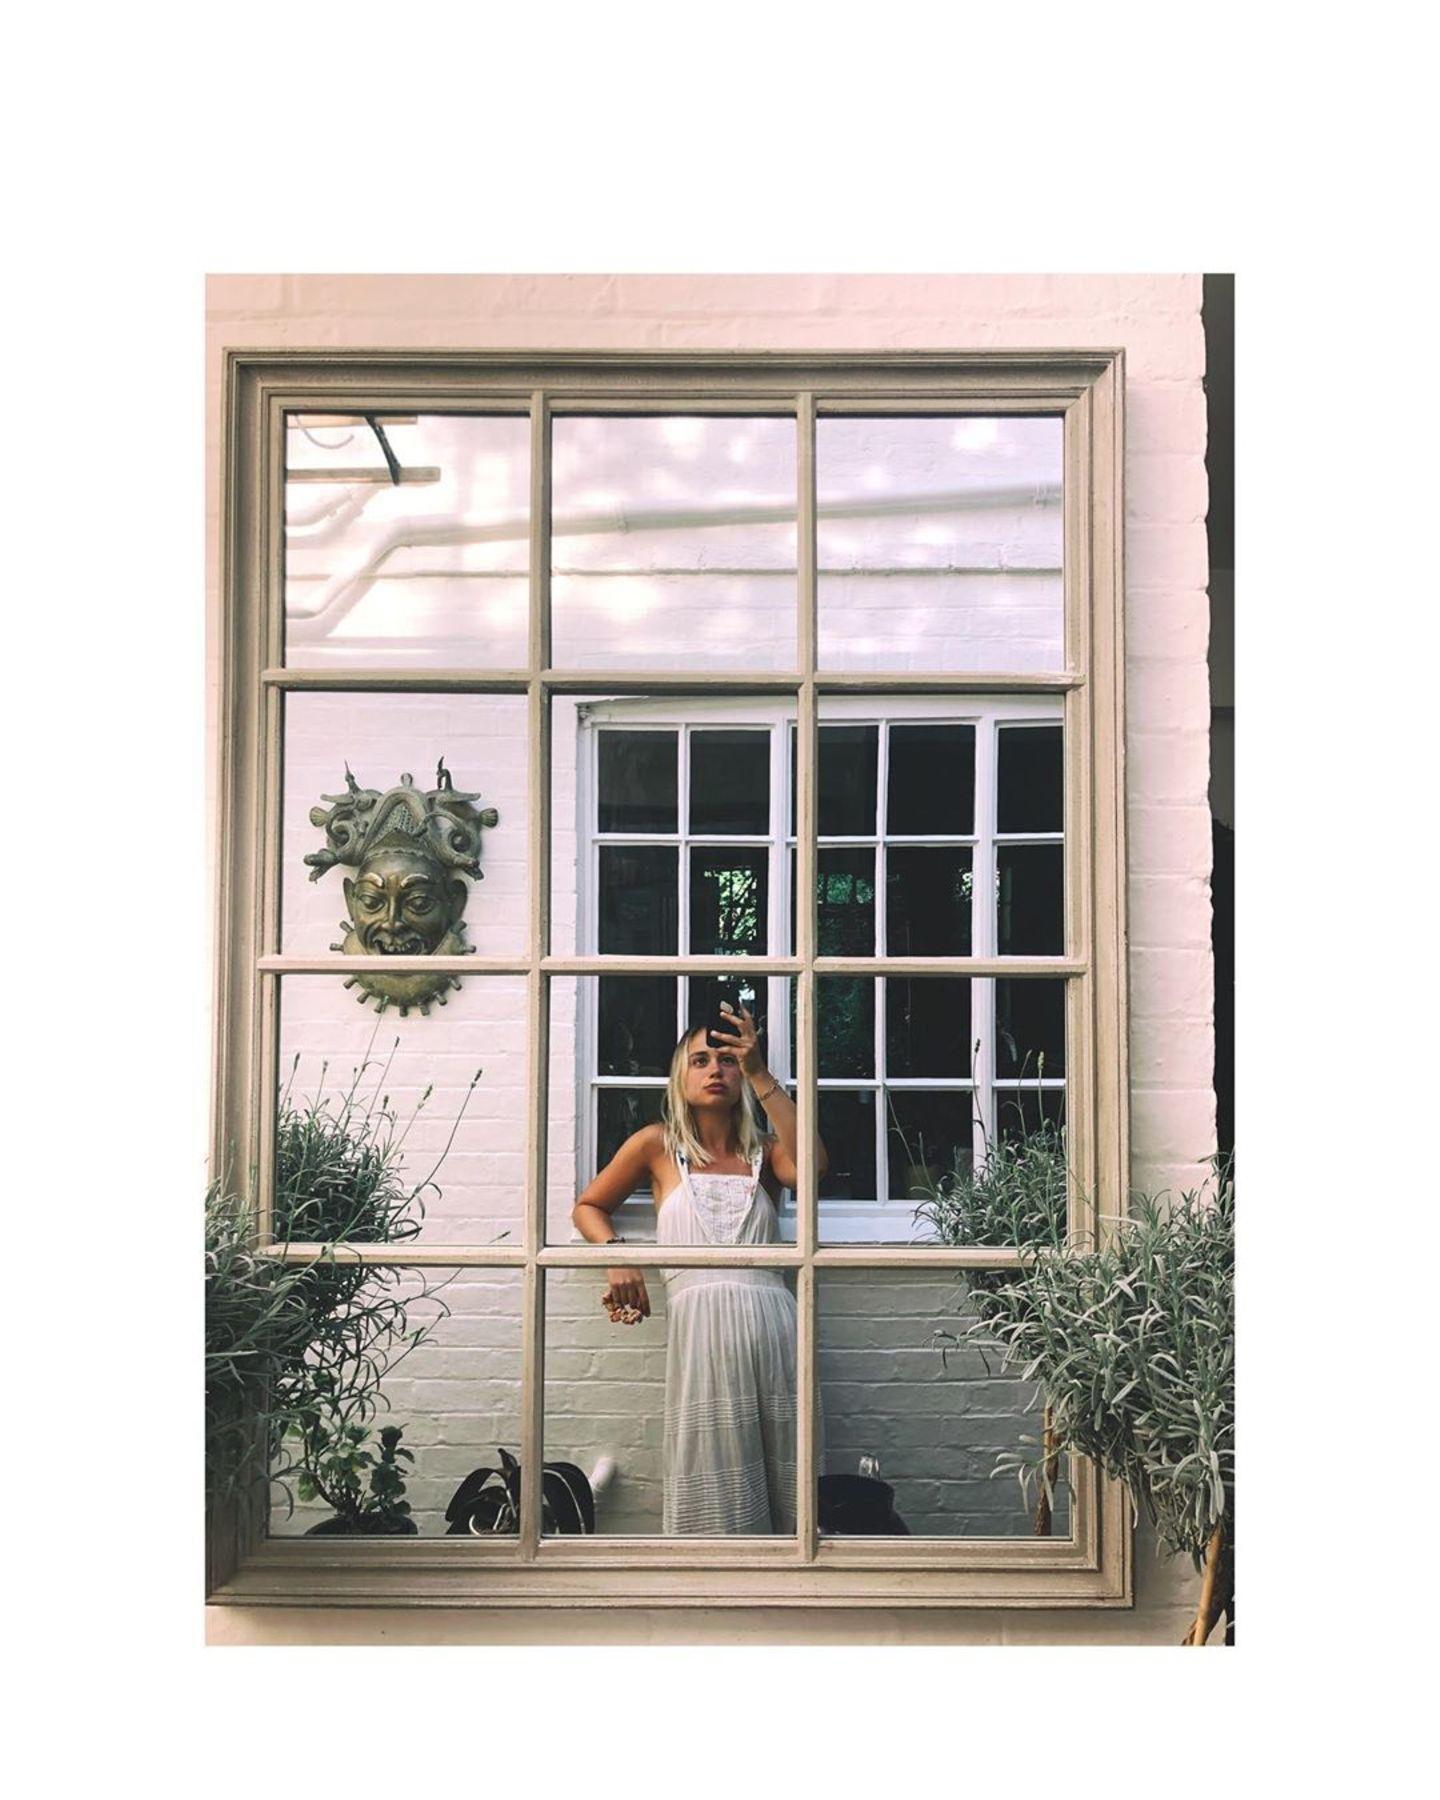 Lady Amelia Windsor trägt das It-Piece dieses Sommers: ein weißes Leinenkleid mit schicken Spitzen-Applikationen. Die gewickelten Träger werten das schlichte Dress optisch auf – der schmale Taillenbund zaubert der 24-Jährigen eine schöne Silhouette. Gepaart mit ihrem gebräunten Teint ist dies der perfekte Look für warme Sommertage.